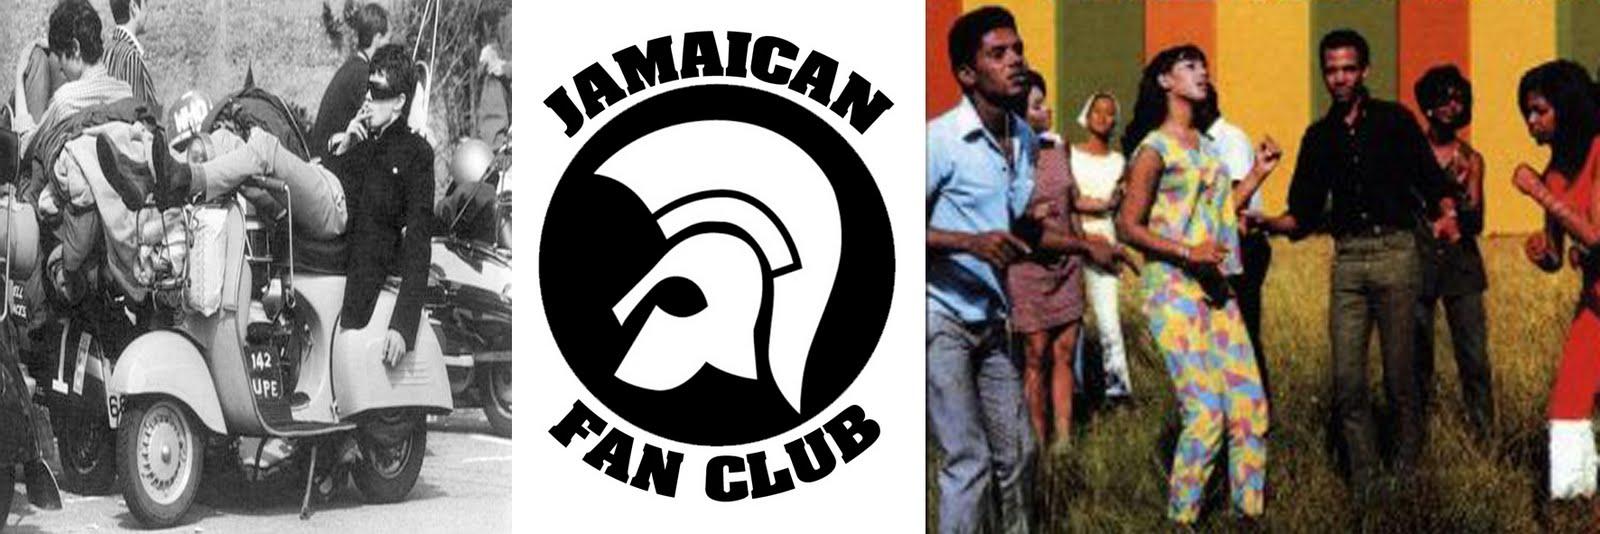 JAMAICAN FAN CLUB